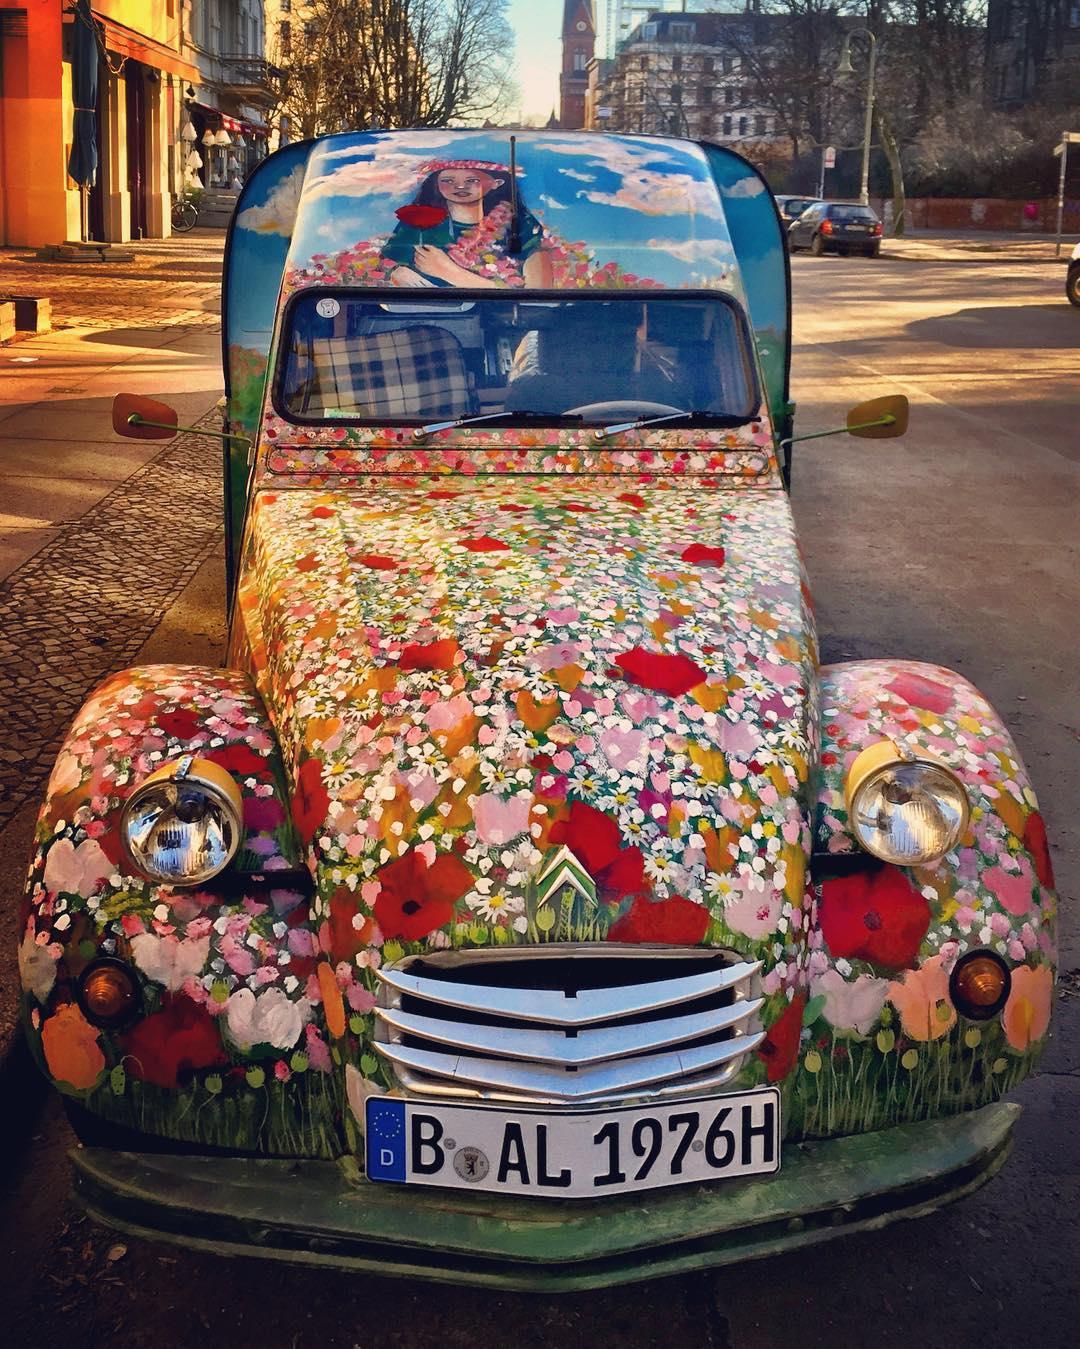 Descrição para deficientes visuais: a imagem mostra um carro antigo visto de frente (acho que é um Citröen) todo estampado com flores do campo. Na capota, o desenho de uma moça de cabelos pretos segurando uma rosa vermelha. O veículo é do restaurante francês Paulette, que fica no local onde ele está estacionado. Primavera ambulante � — at Knaackstraße.